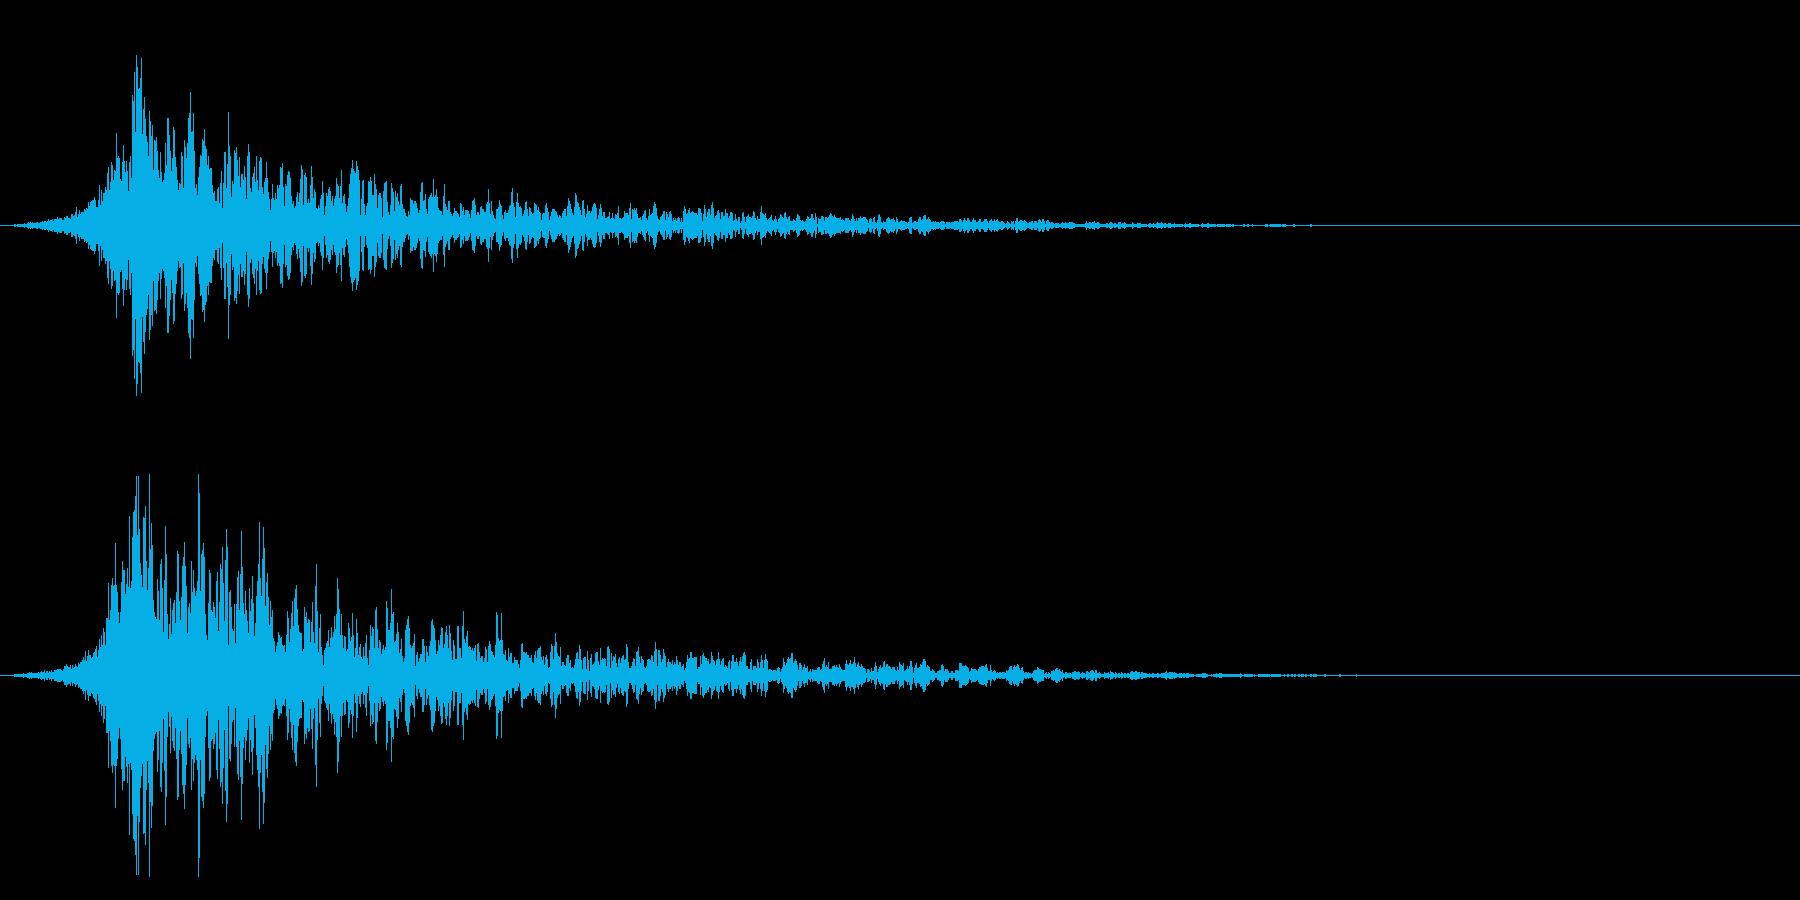 シュードーン-29-2(インパクト音)の再生済みの波形